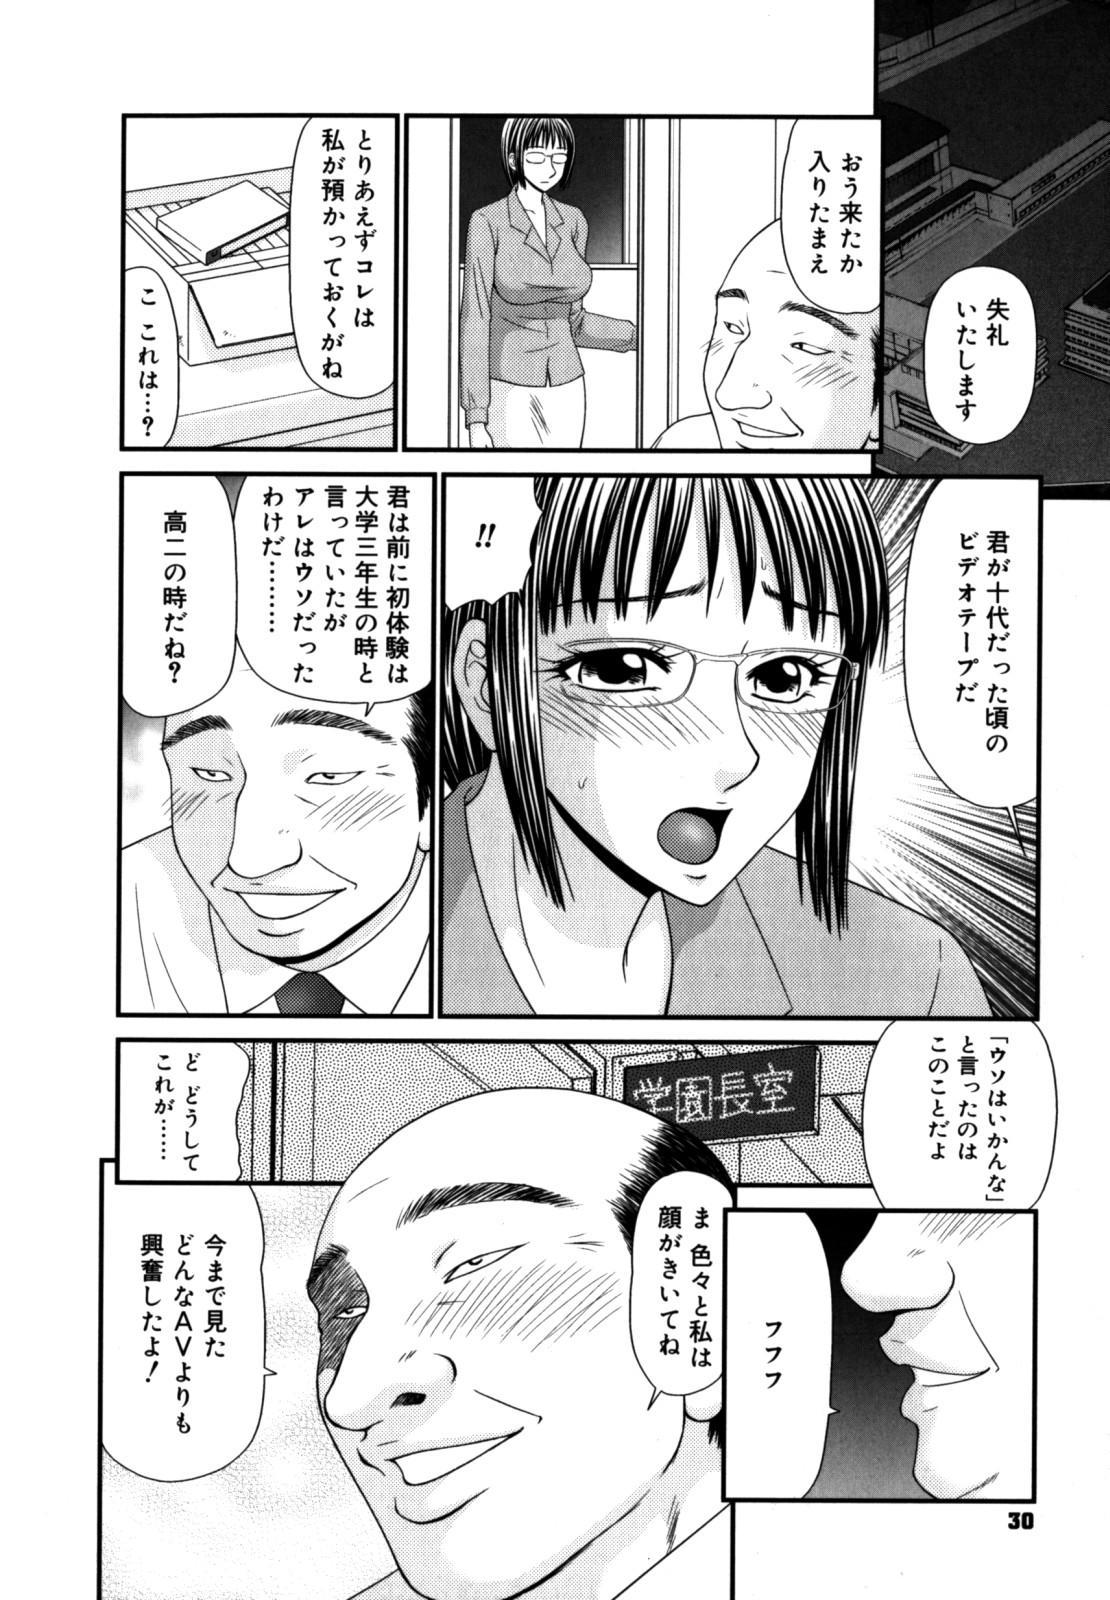 Gakuen no Mushikera 2 29